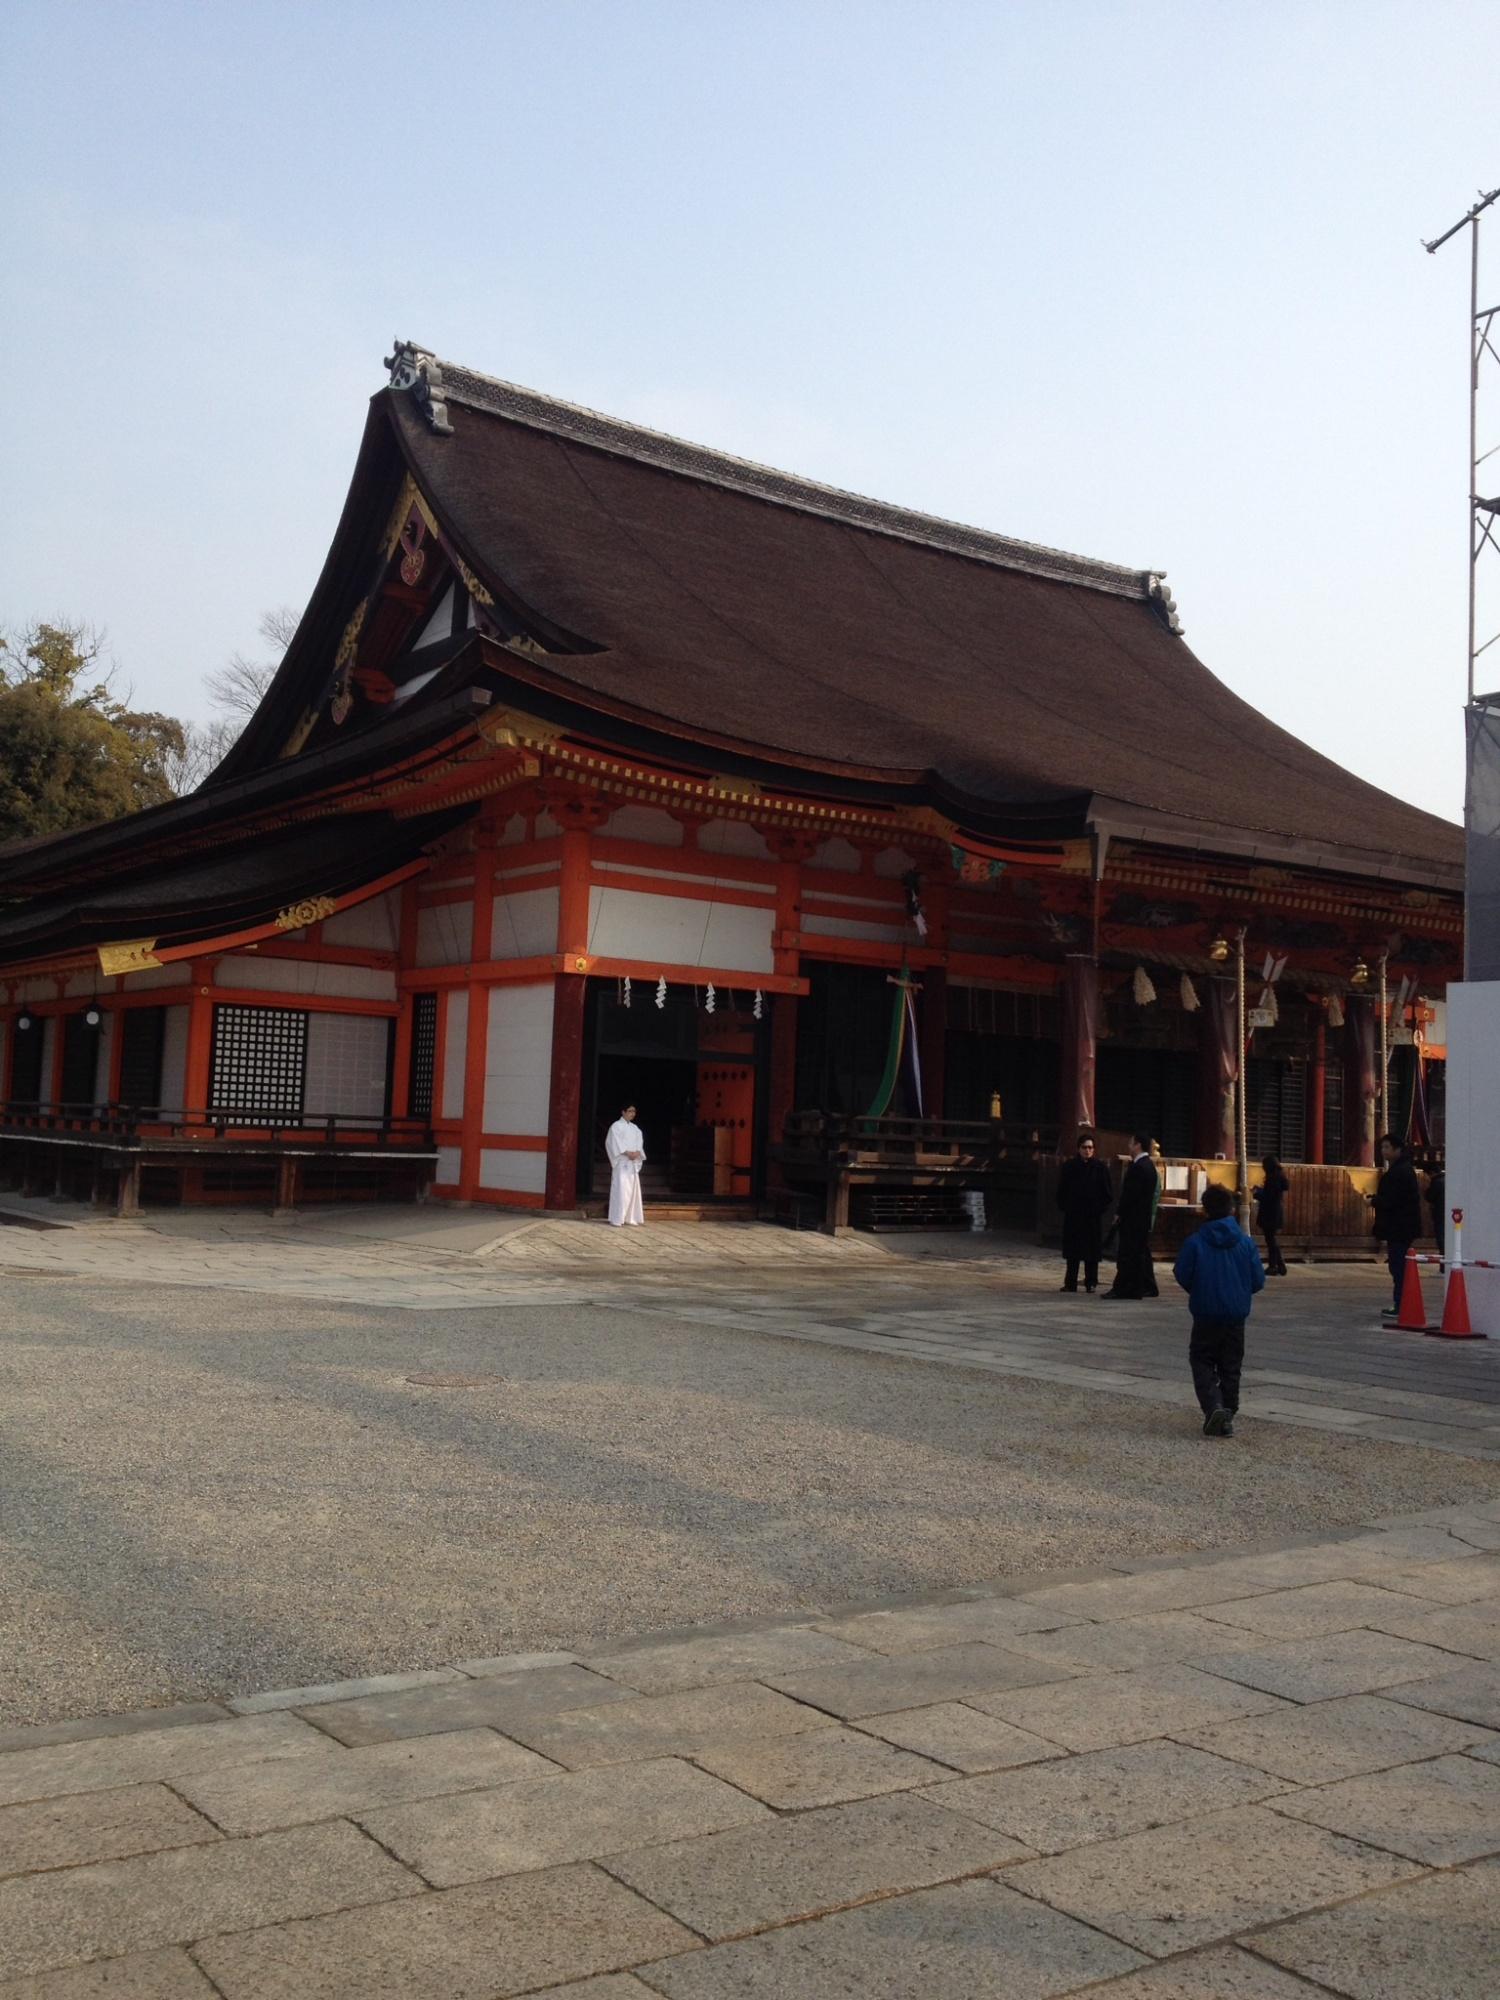 祇園祭の聖地、八坂神社に行ってきました